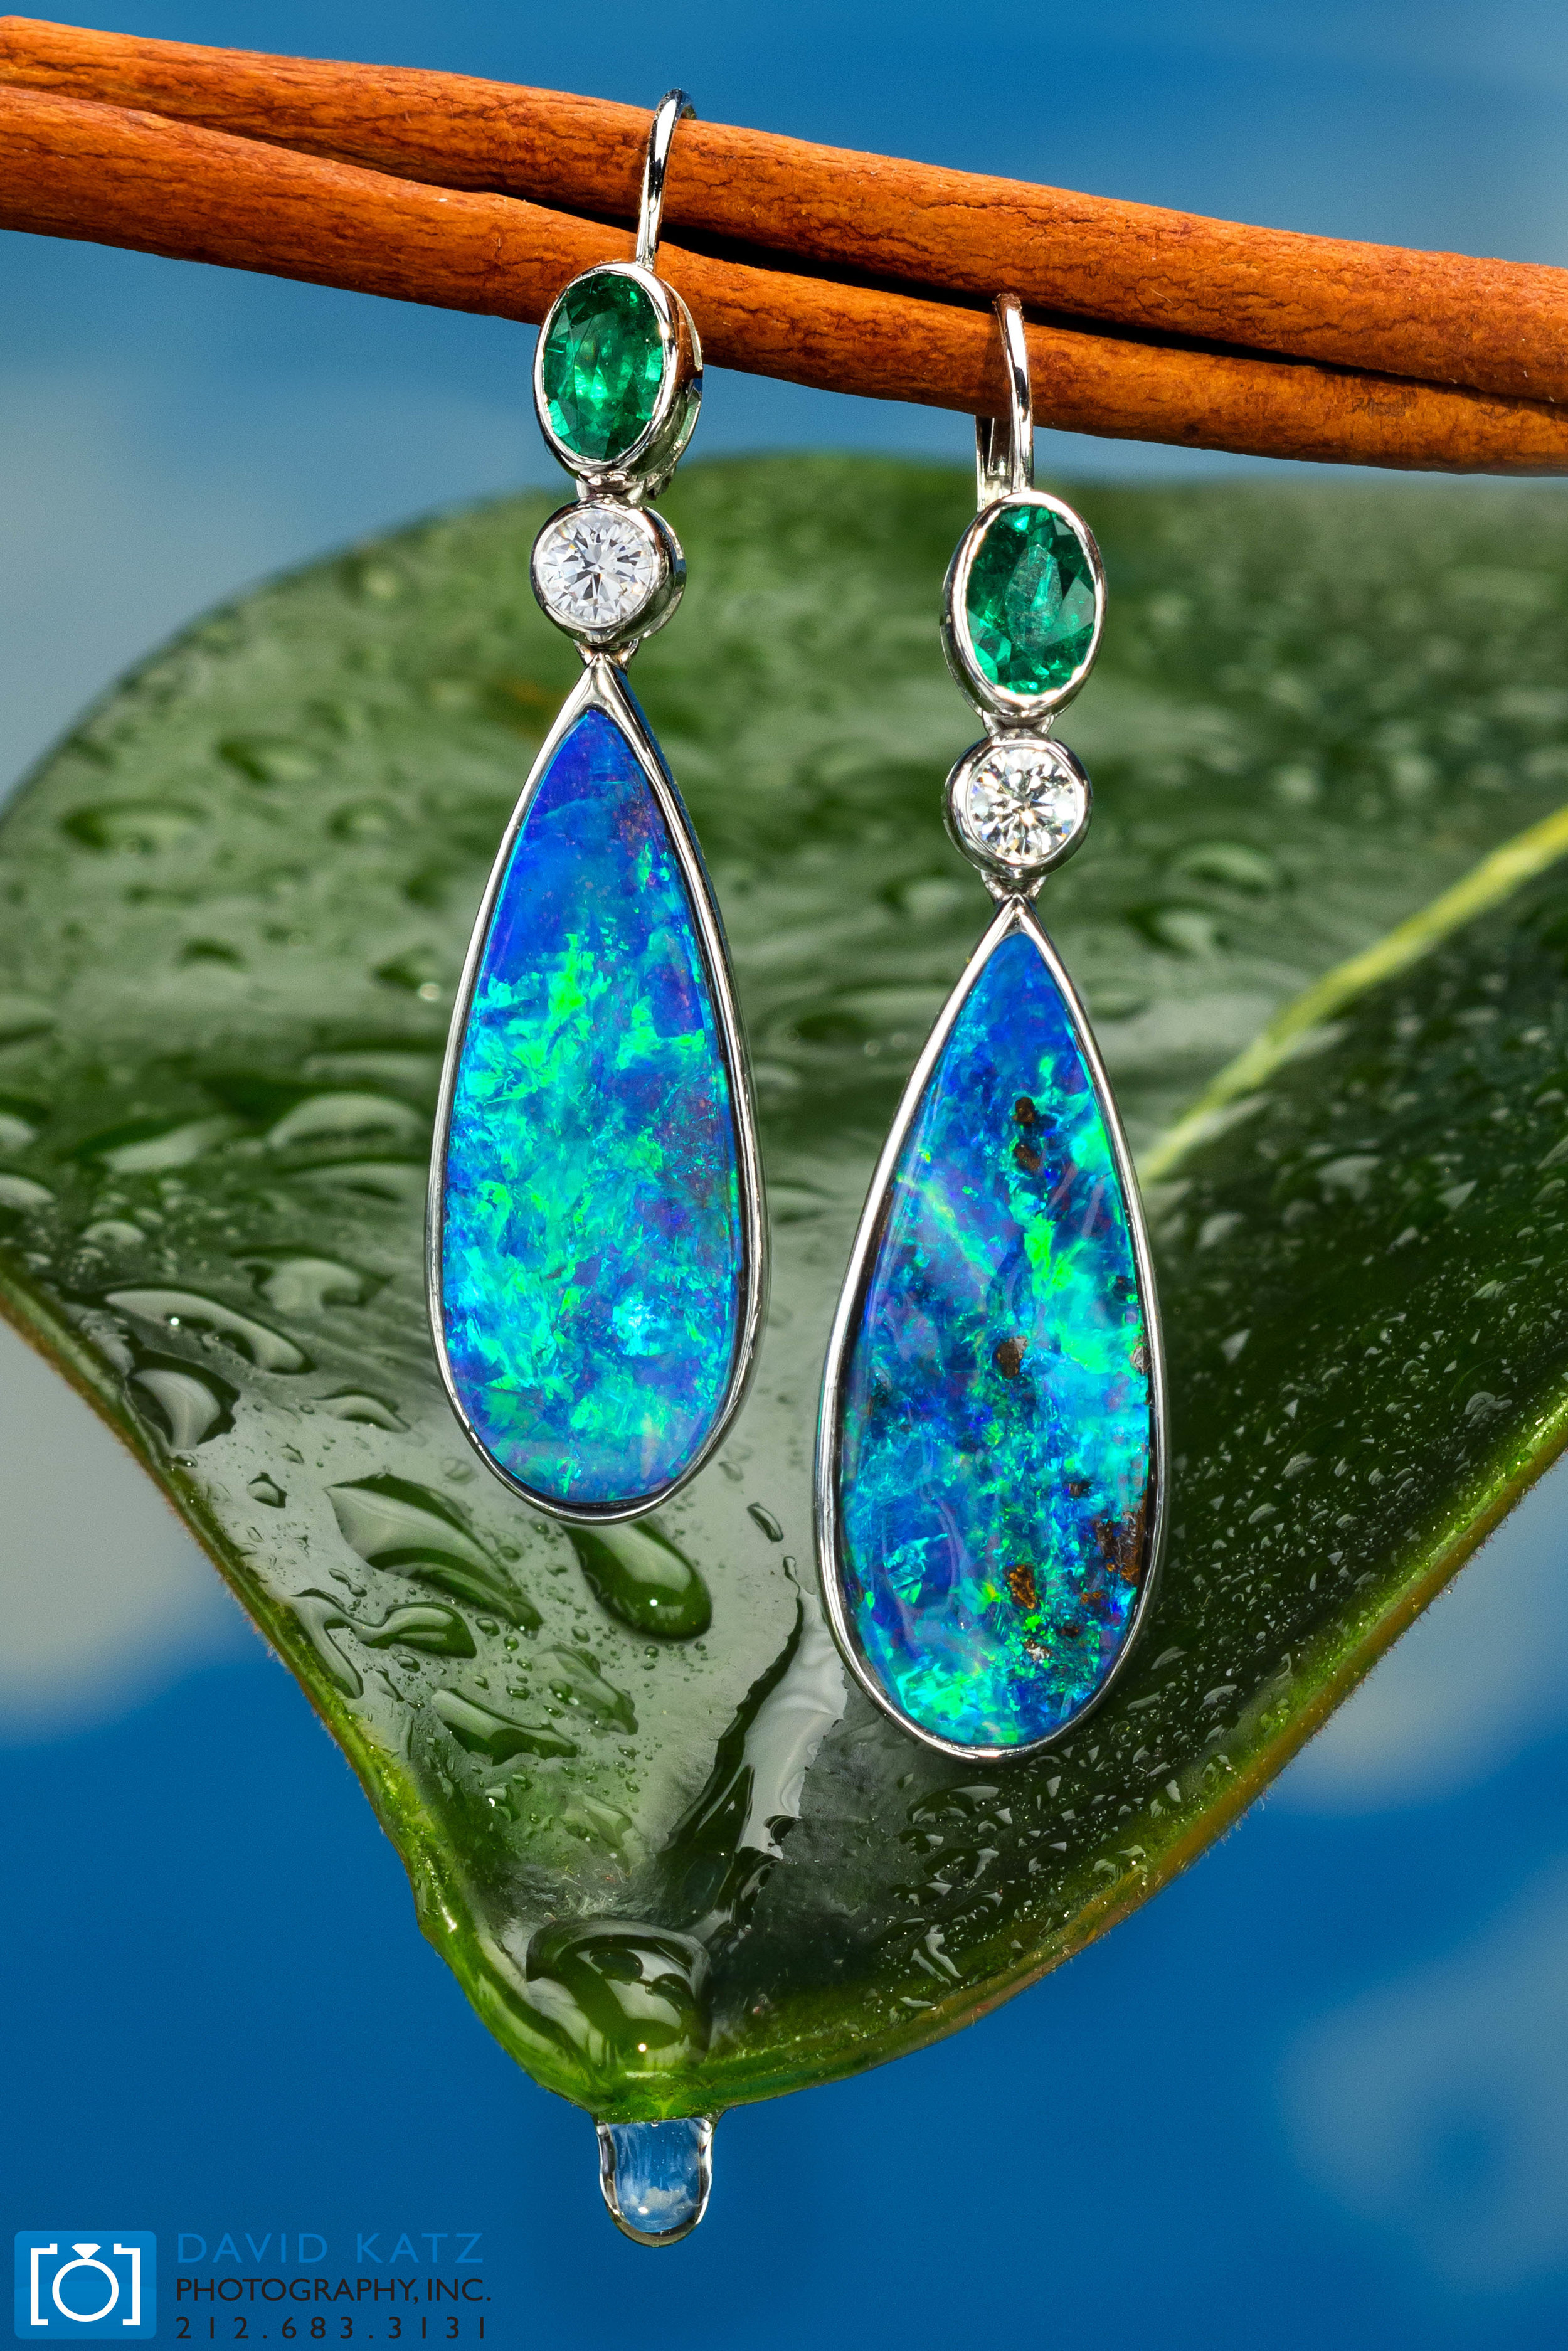 Opal earrings on Leaf with water drop wet_NEWLOGO.jpg